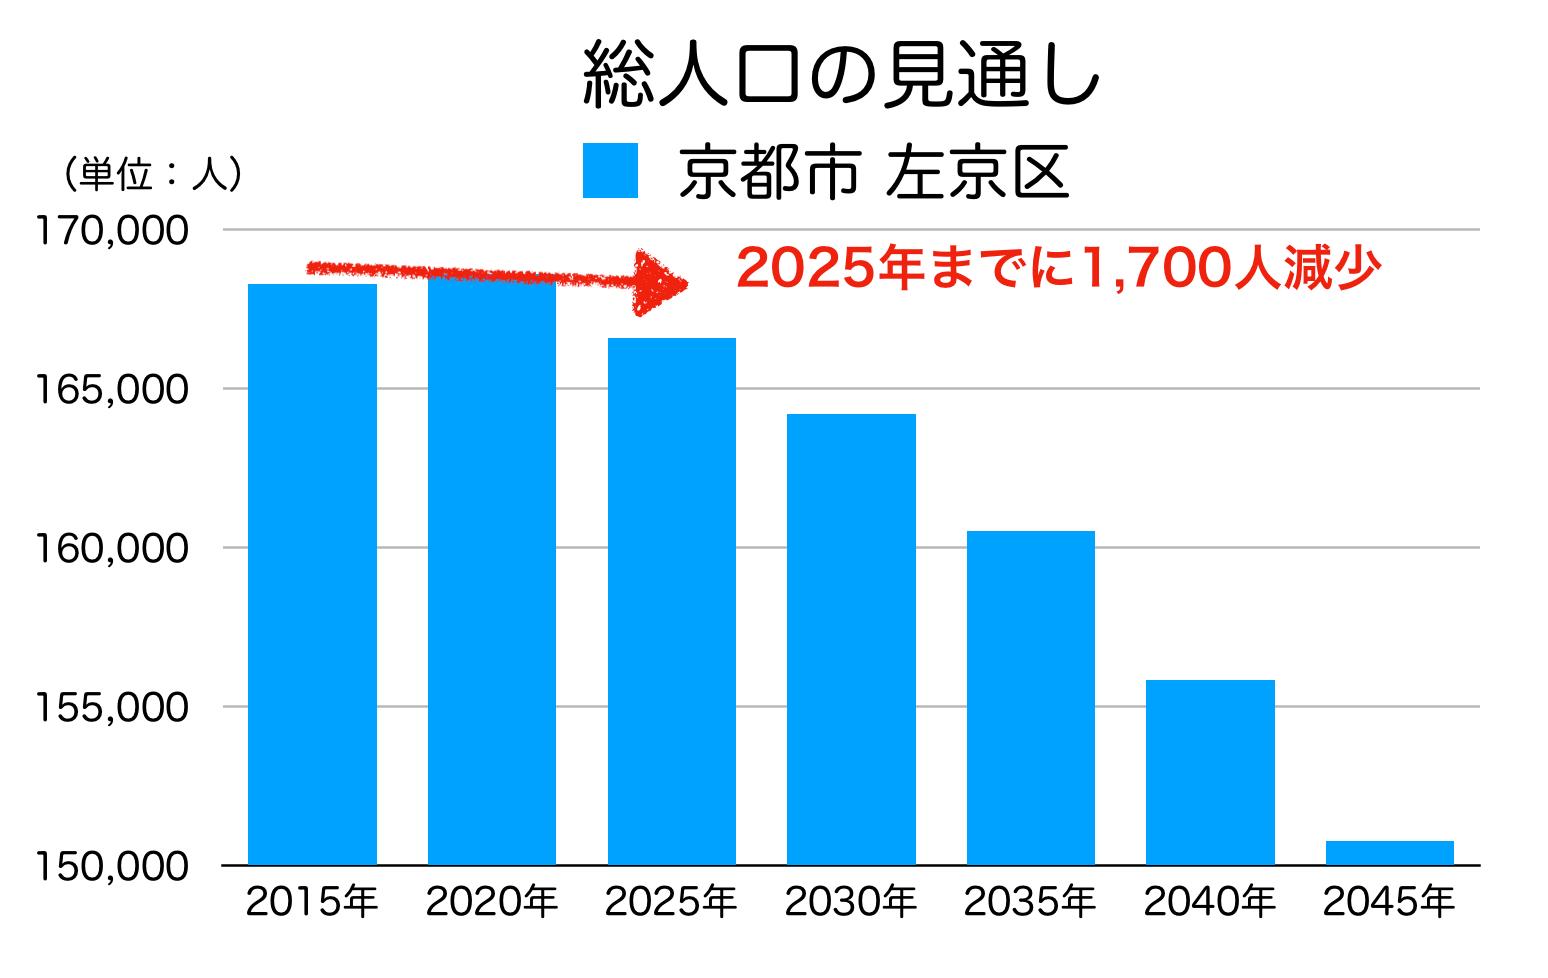 京都市左京区の人口予測